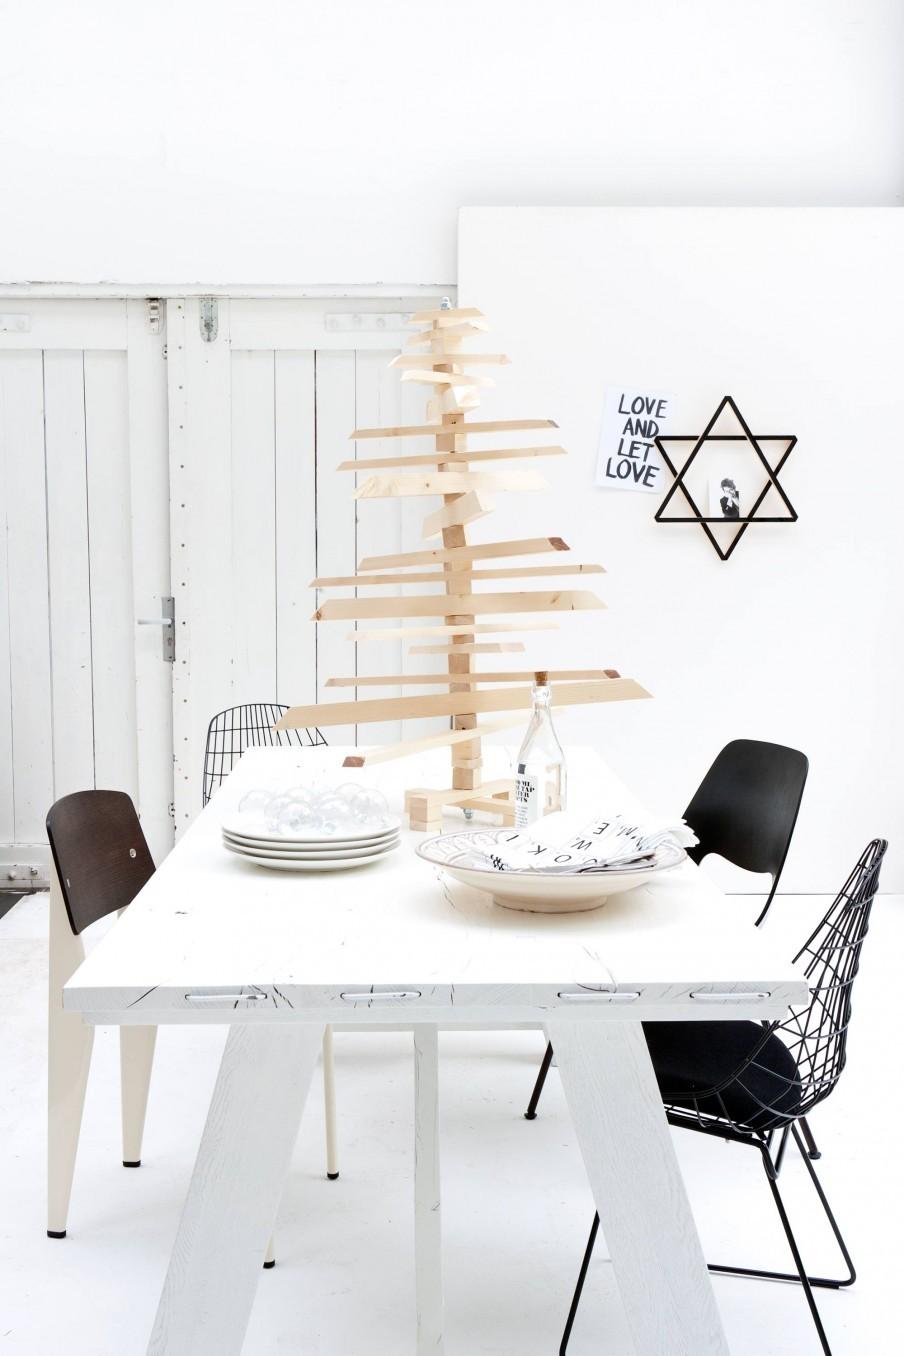 duurzame-kerstboom-zelfmaken-van-steigerhout-houten-kerstboom